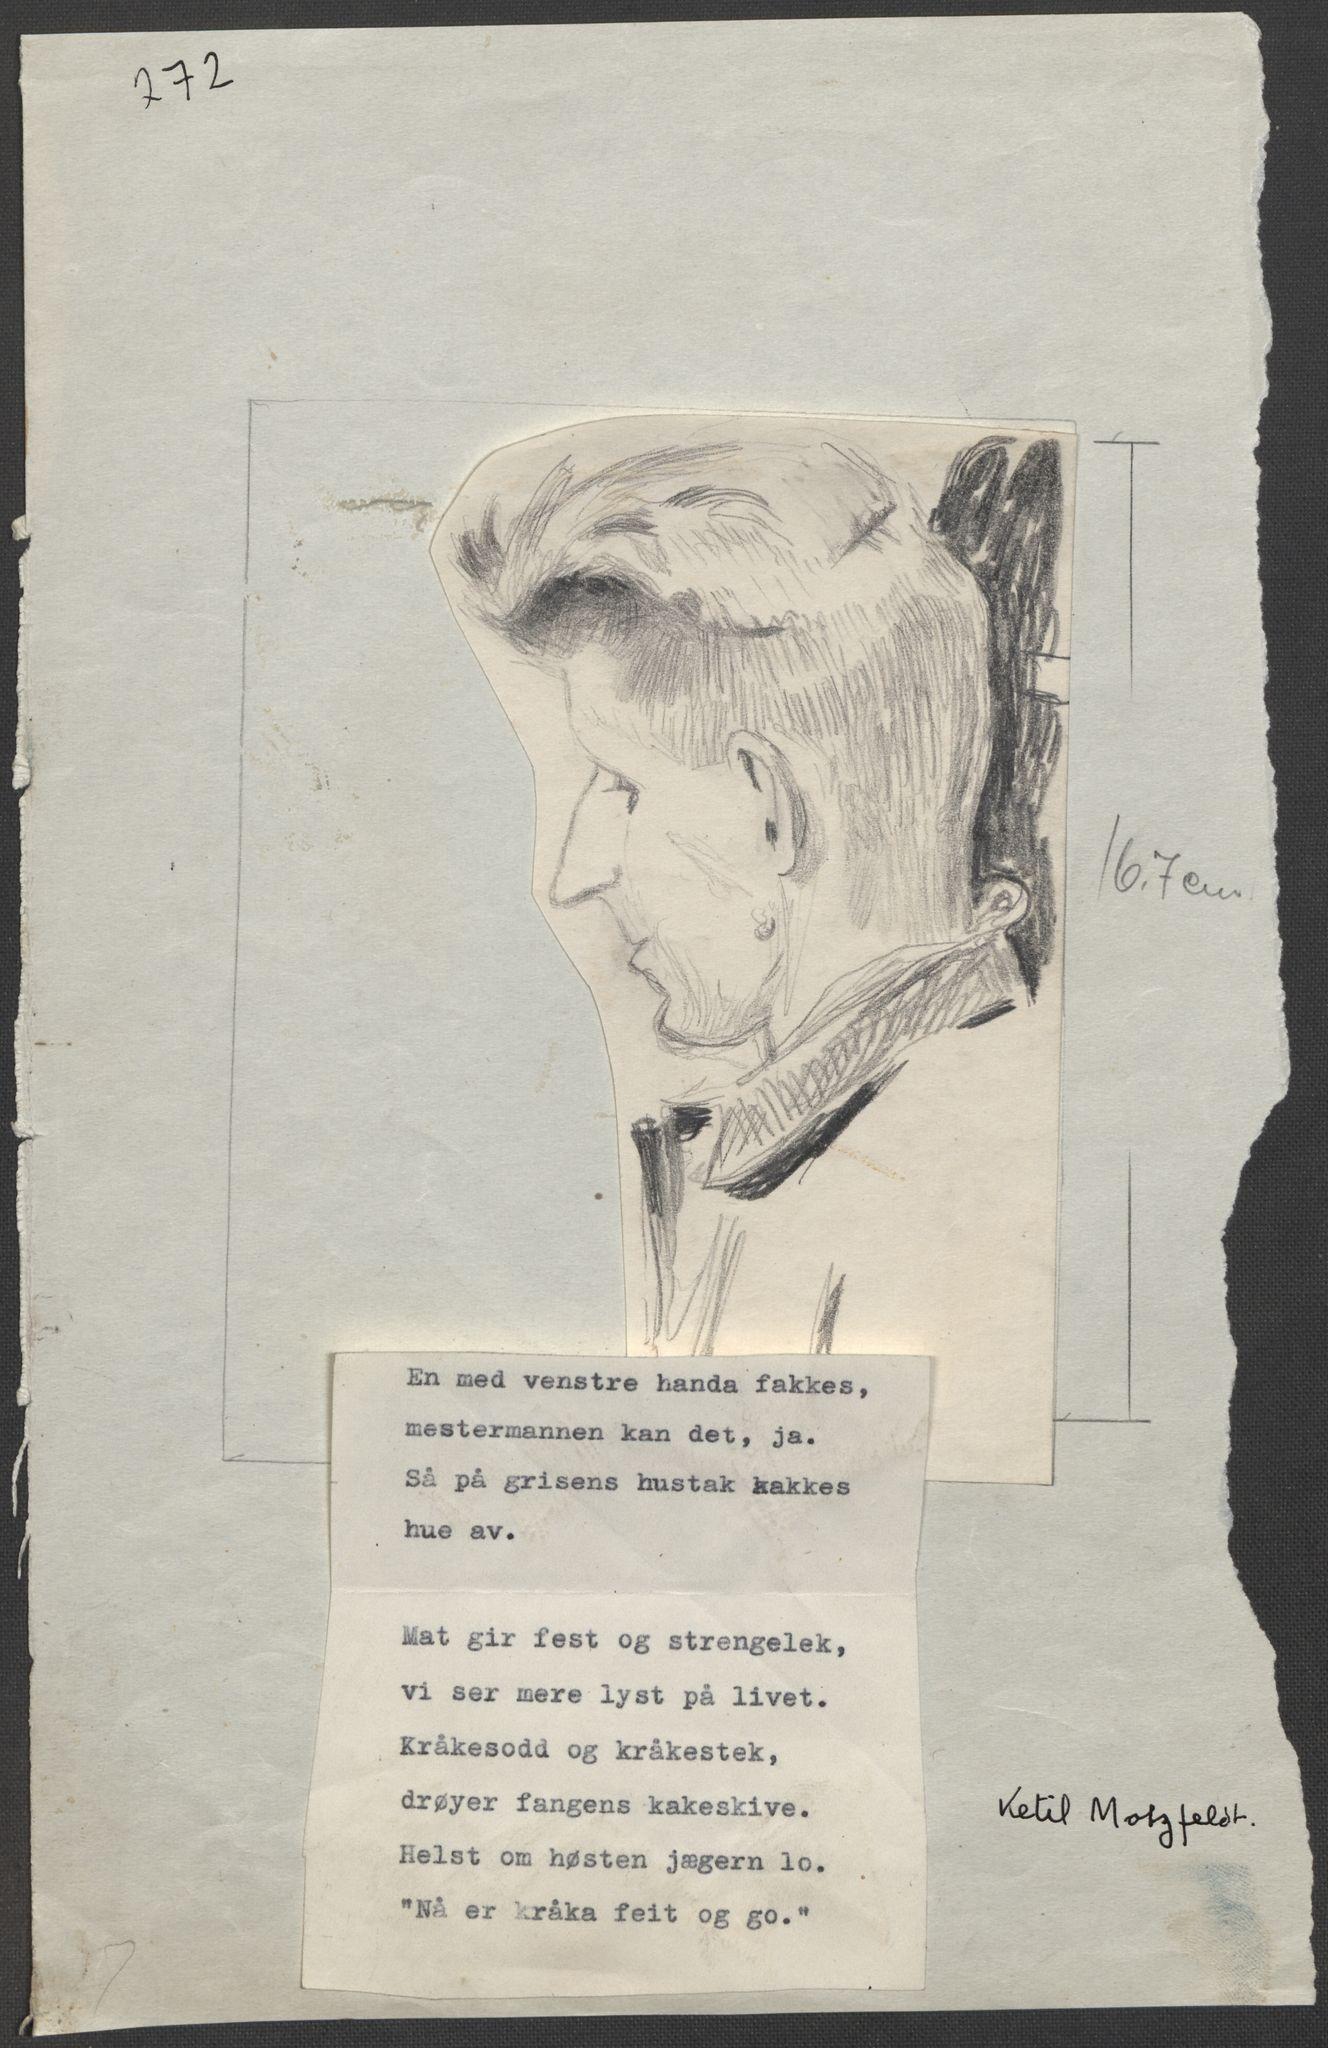 RA, Grøgaard, Joachim, F/L0002: Tegninger og tekster, 1942-1945, p. 23